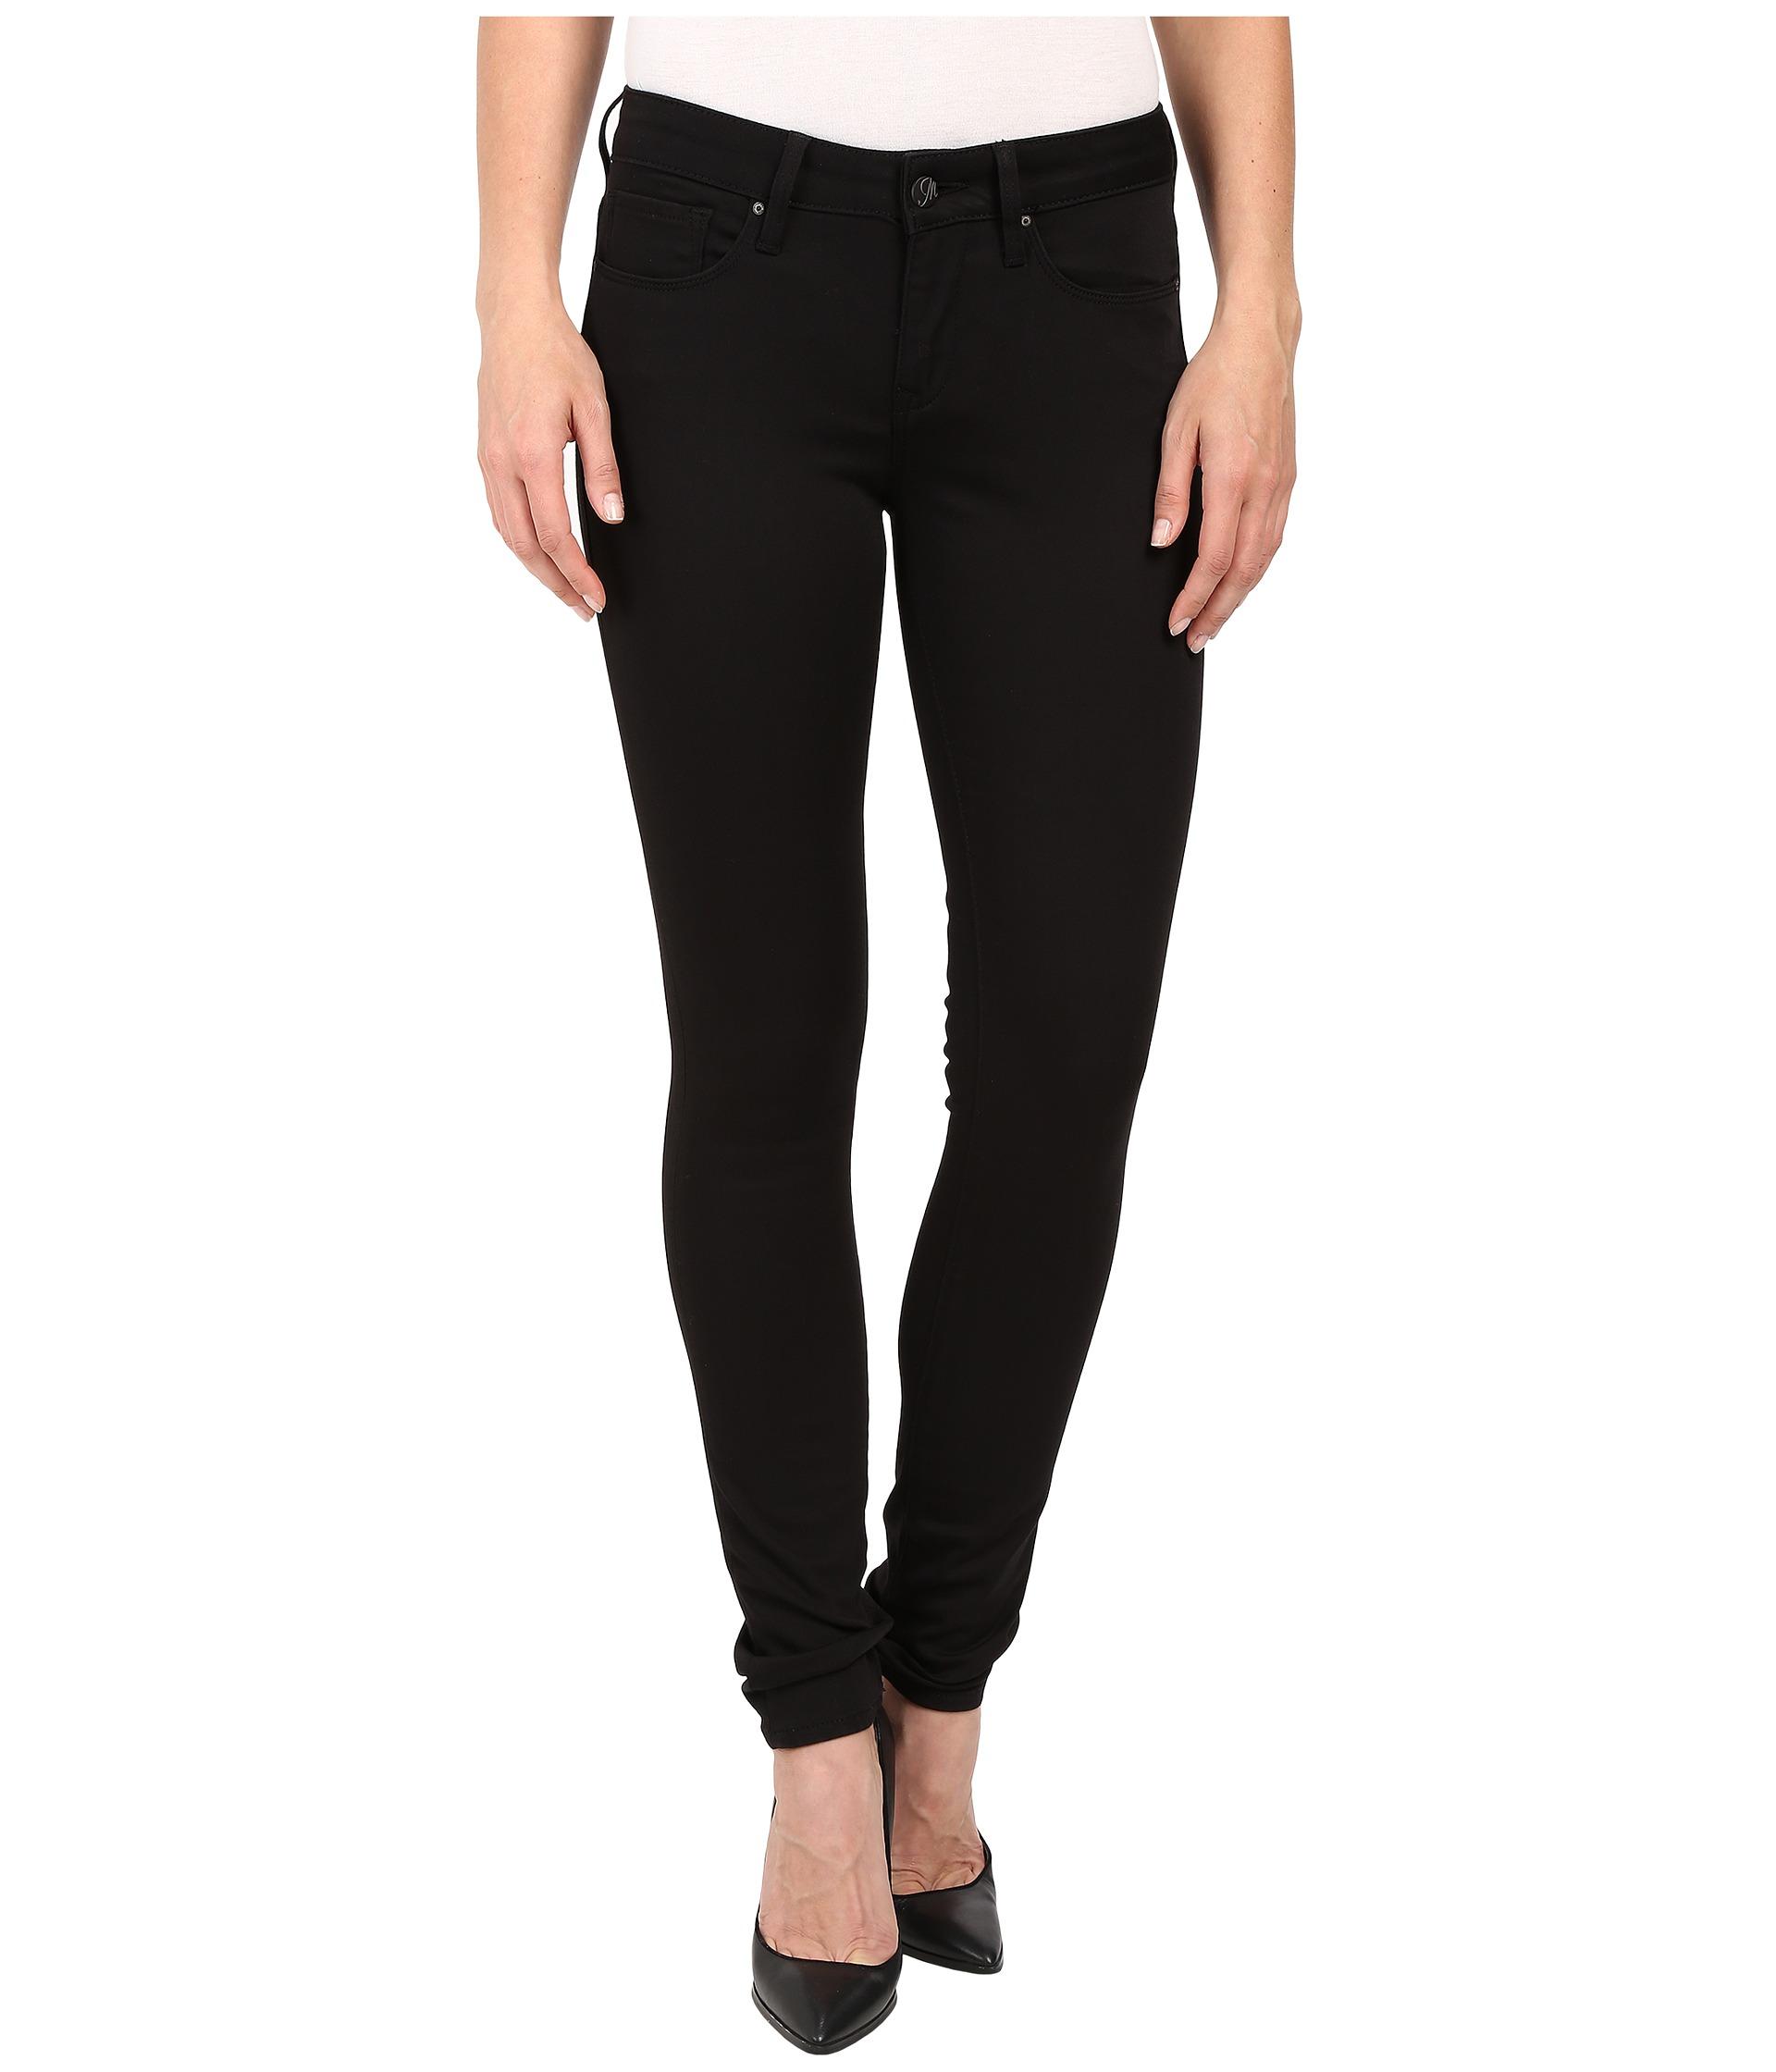 Mavi Jeans Alexa Mid-Rise Super Skinny in Jet Black - Zappos.com